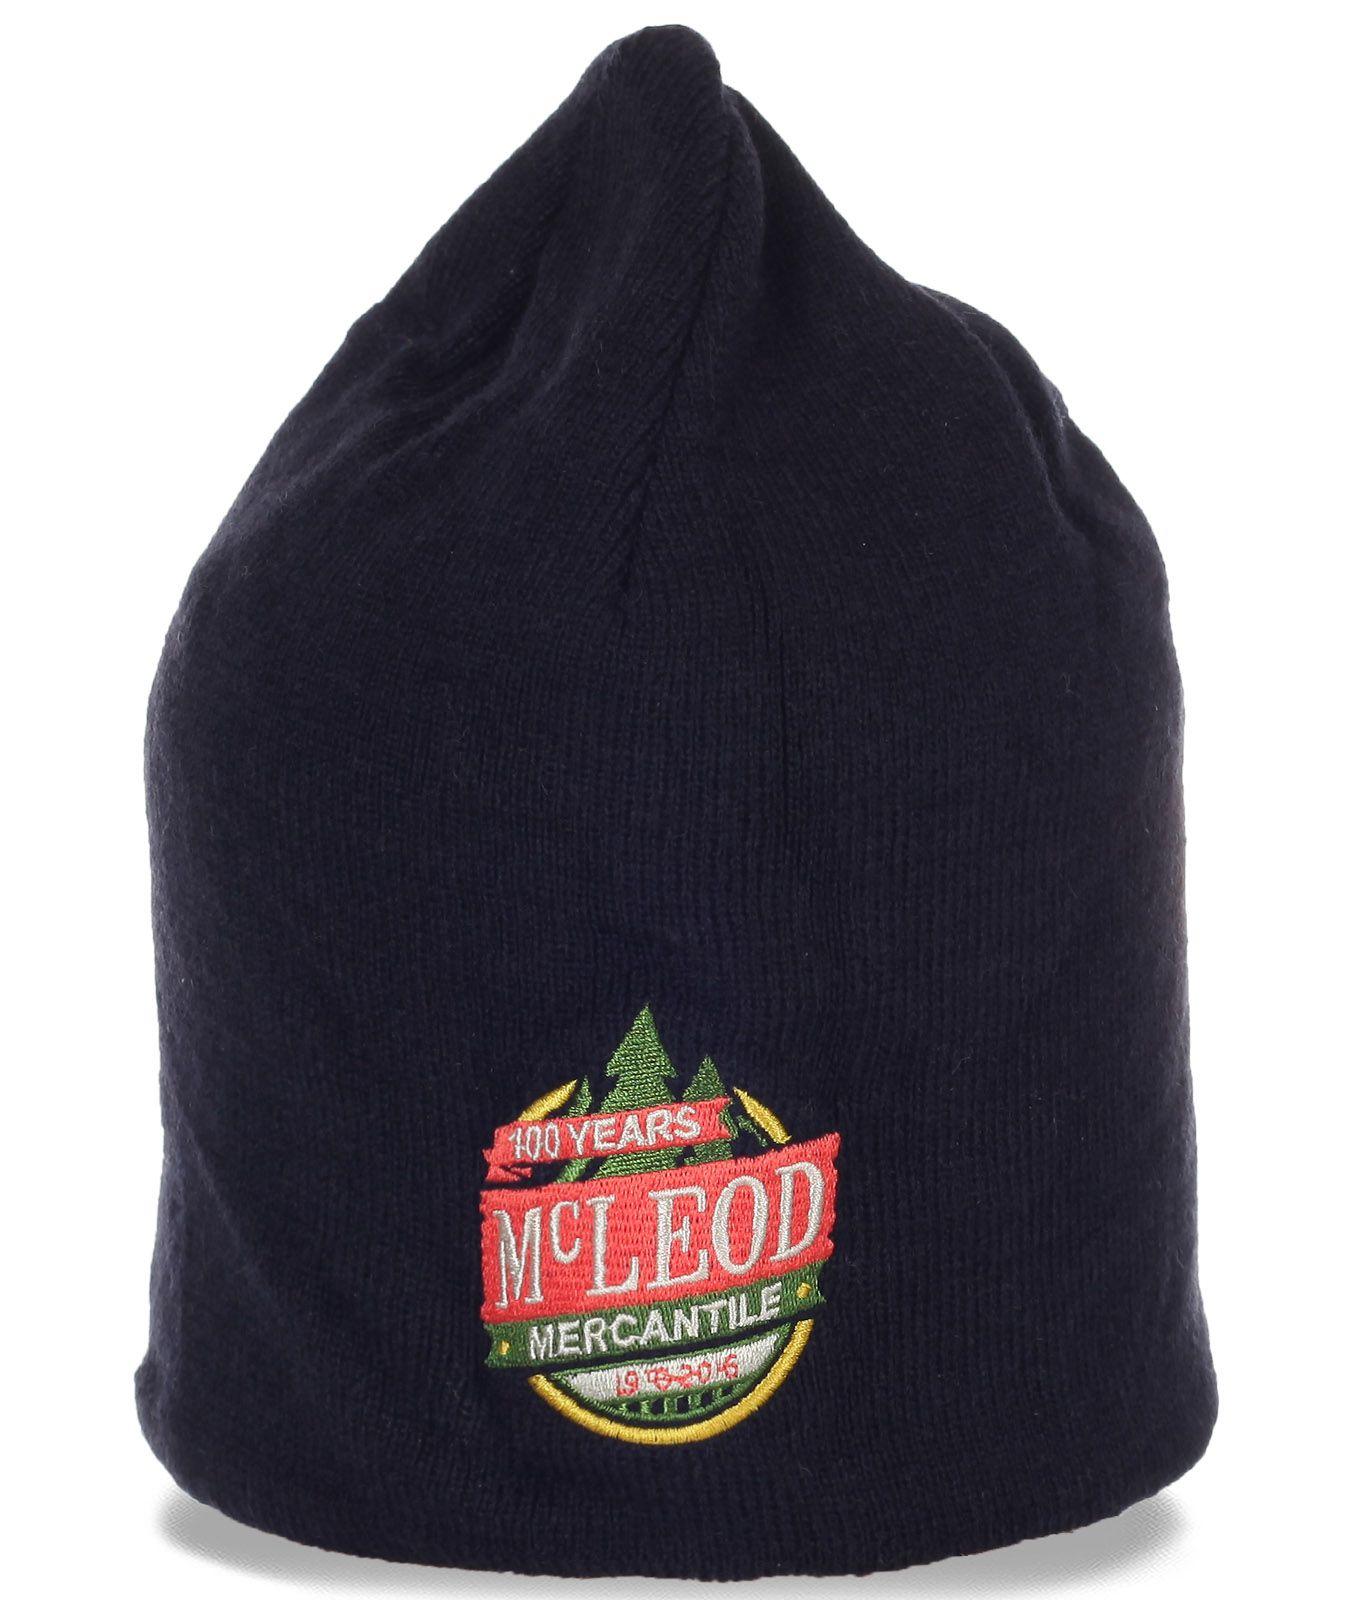 Топовая флисовая шапочка для мужчин от McLeod